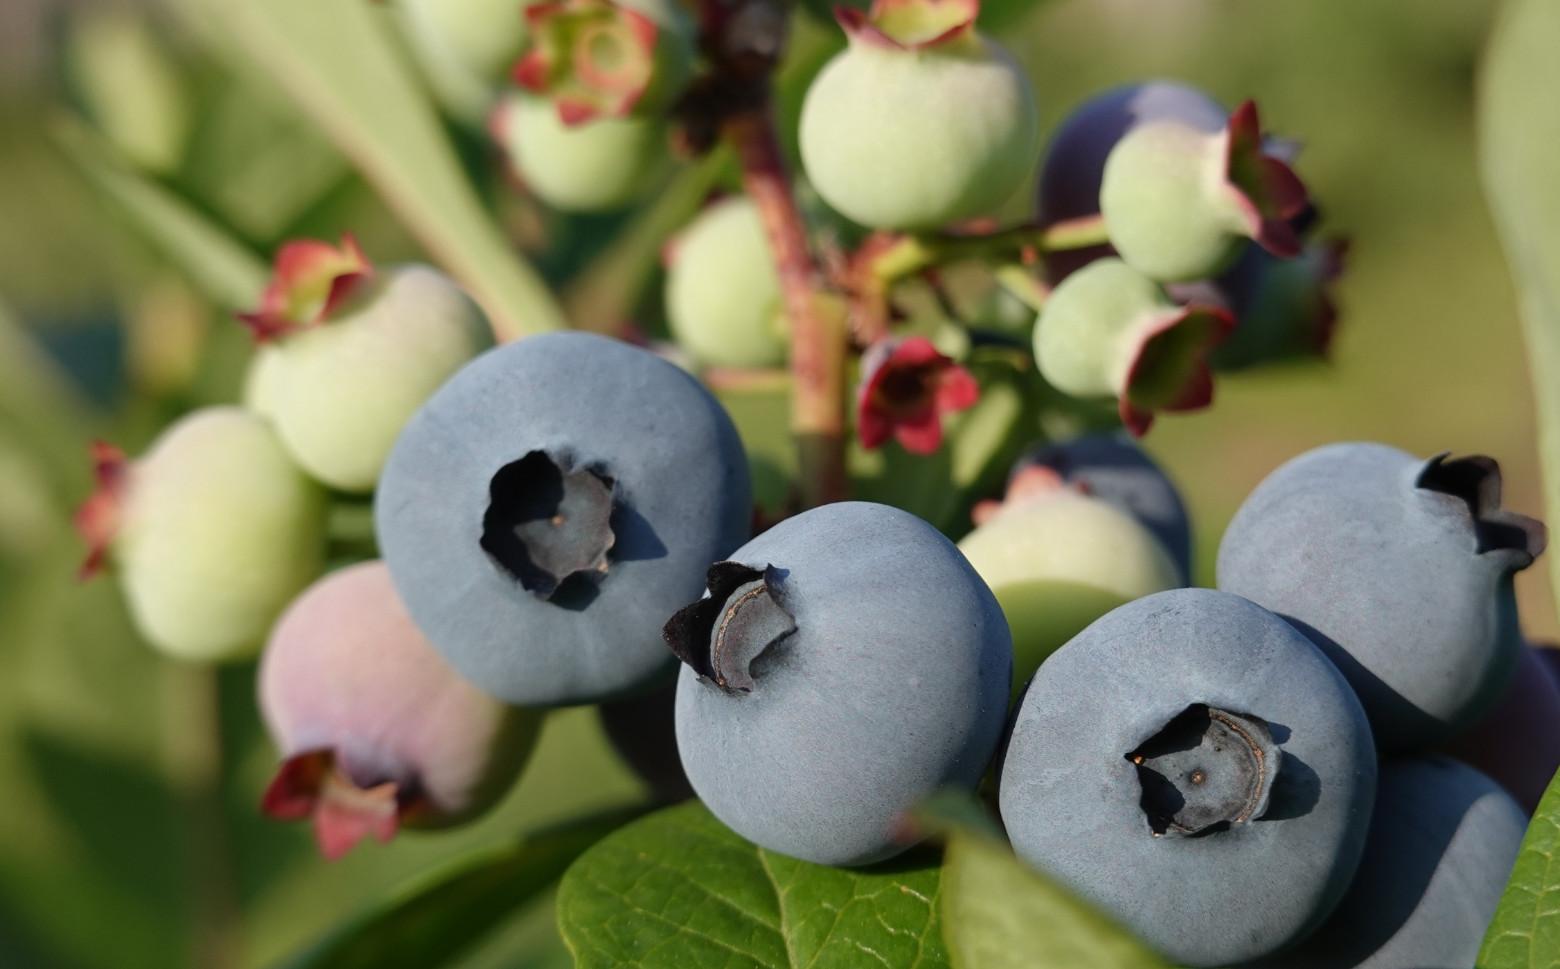 【移住から農業へ】生のブルーベリーをお届けします1kg(北海道仁木町産)